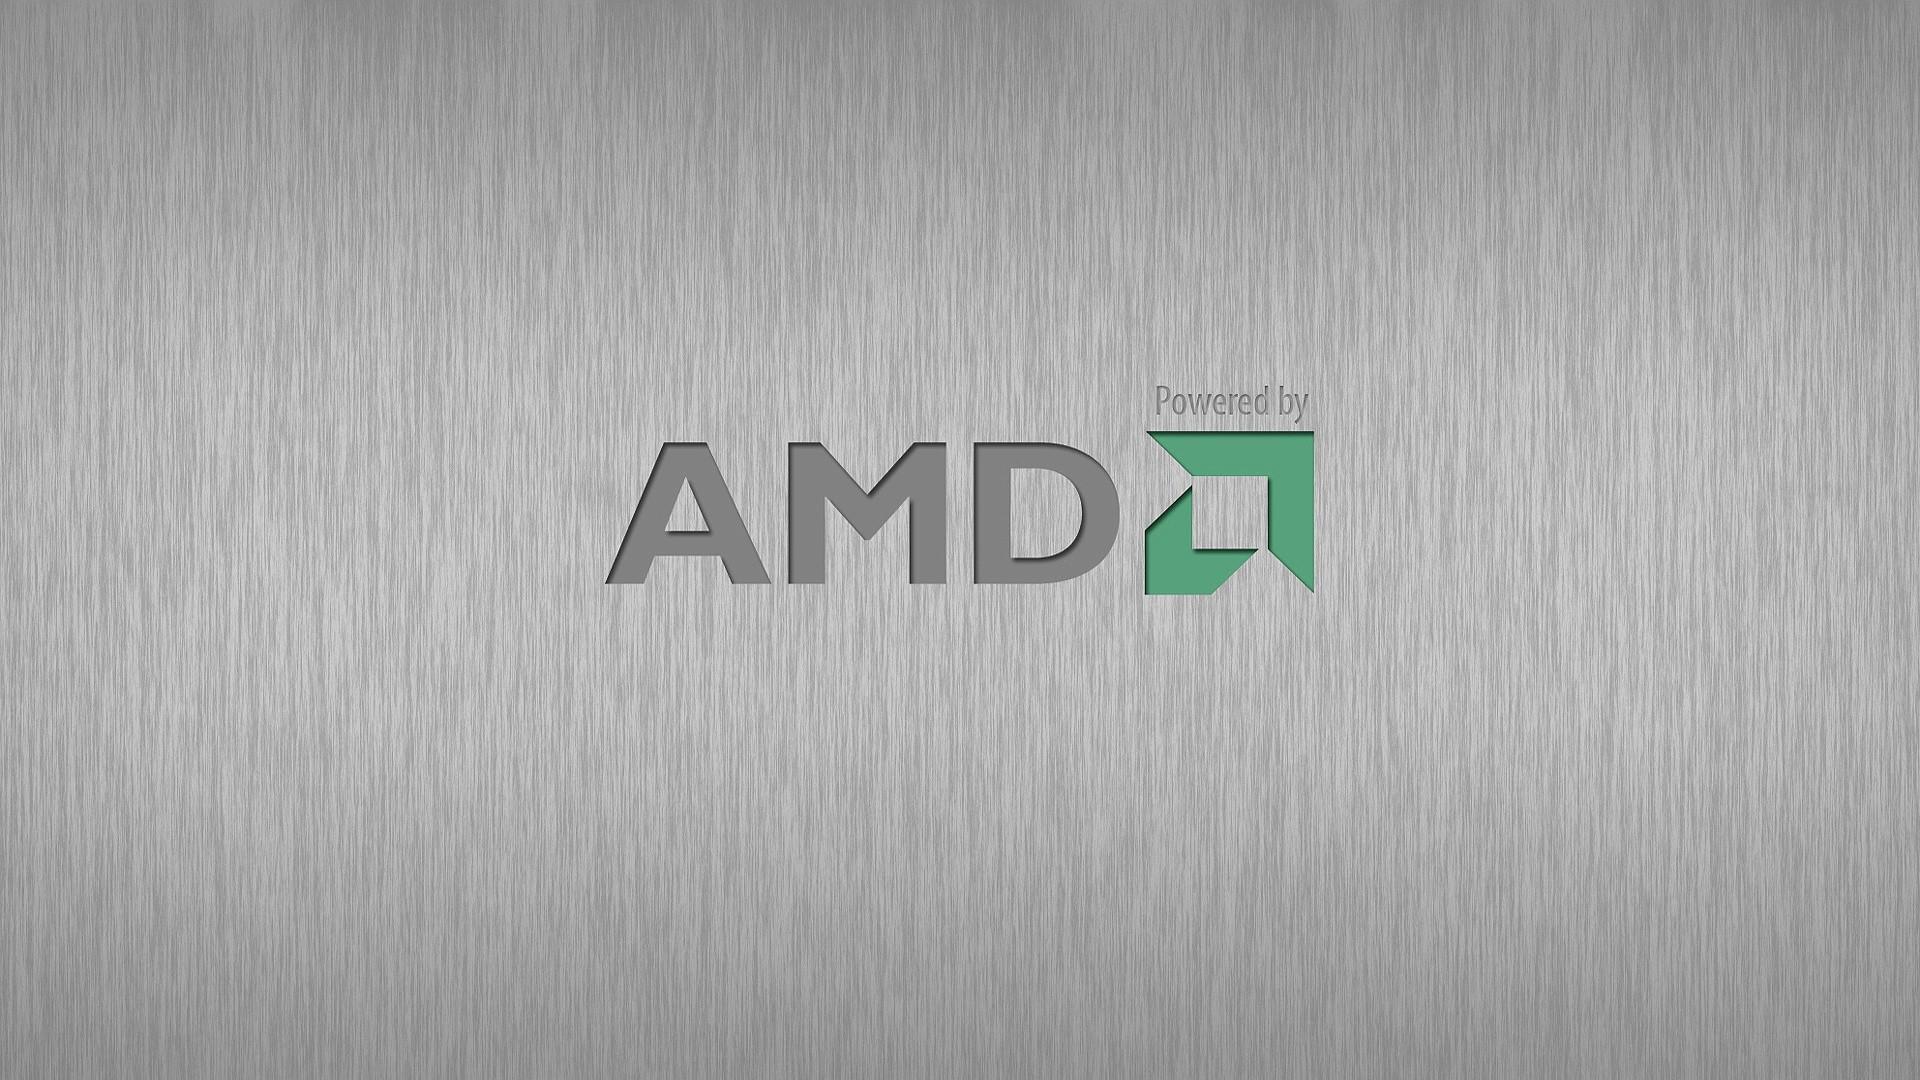 Amd Brand Silver